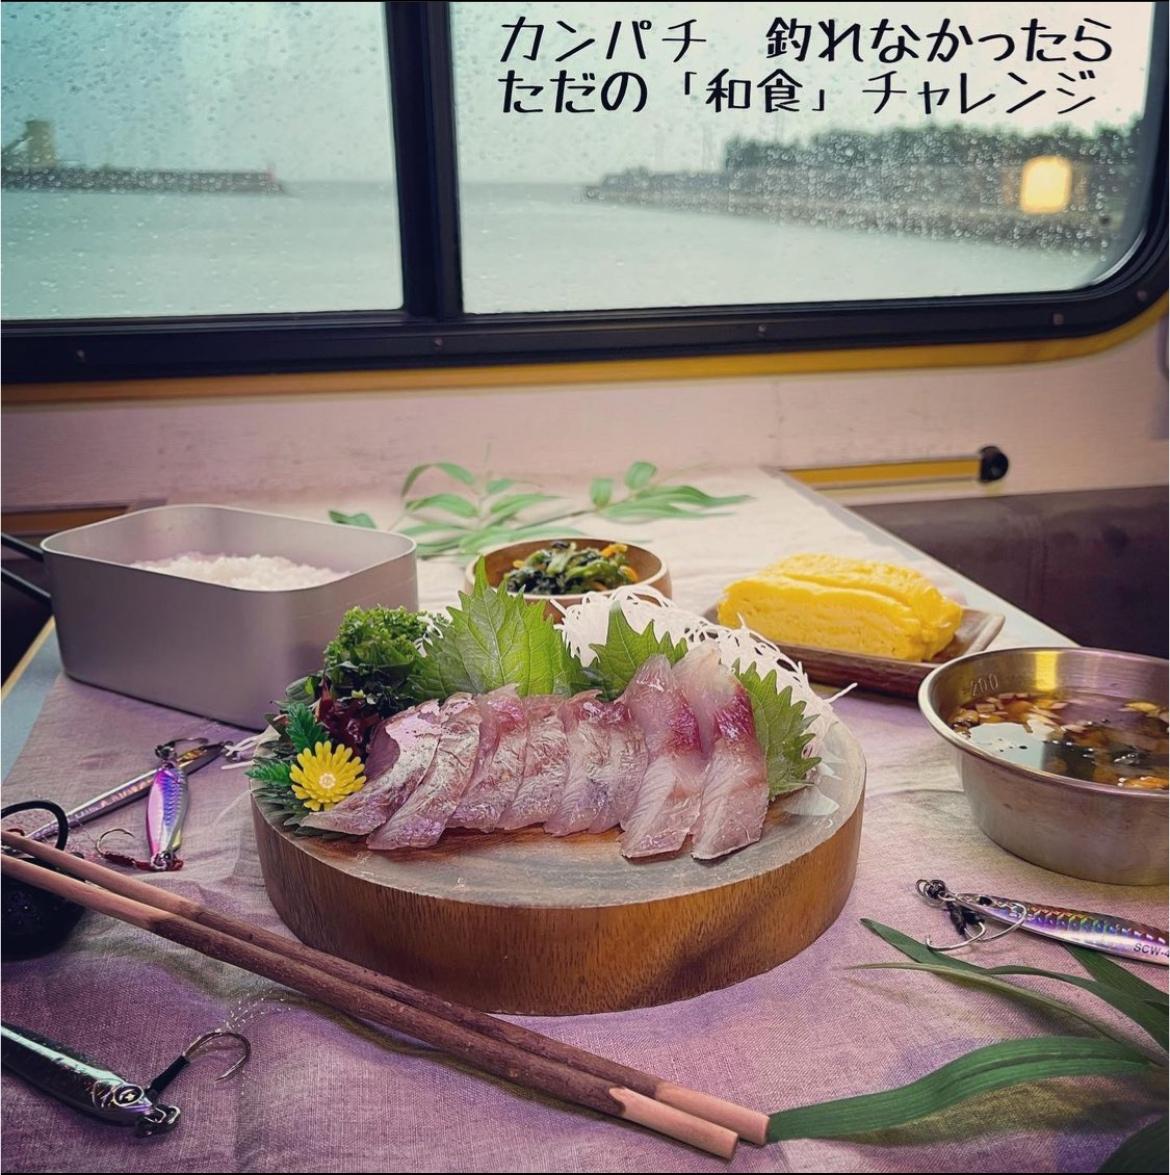 釣りキャンで新鮮なものを食べよう!/アミティ